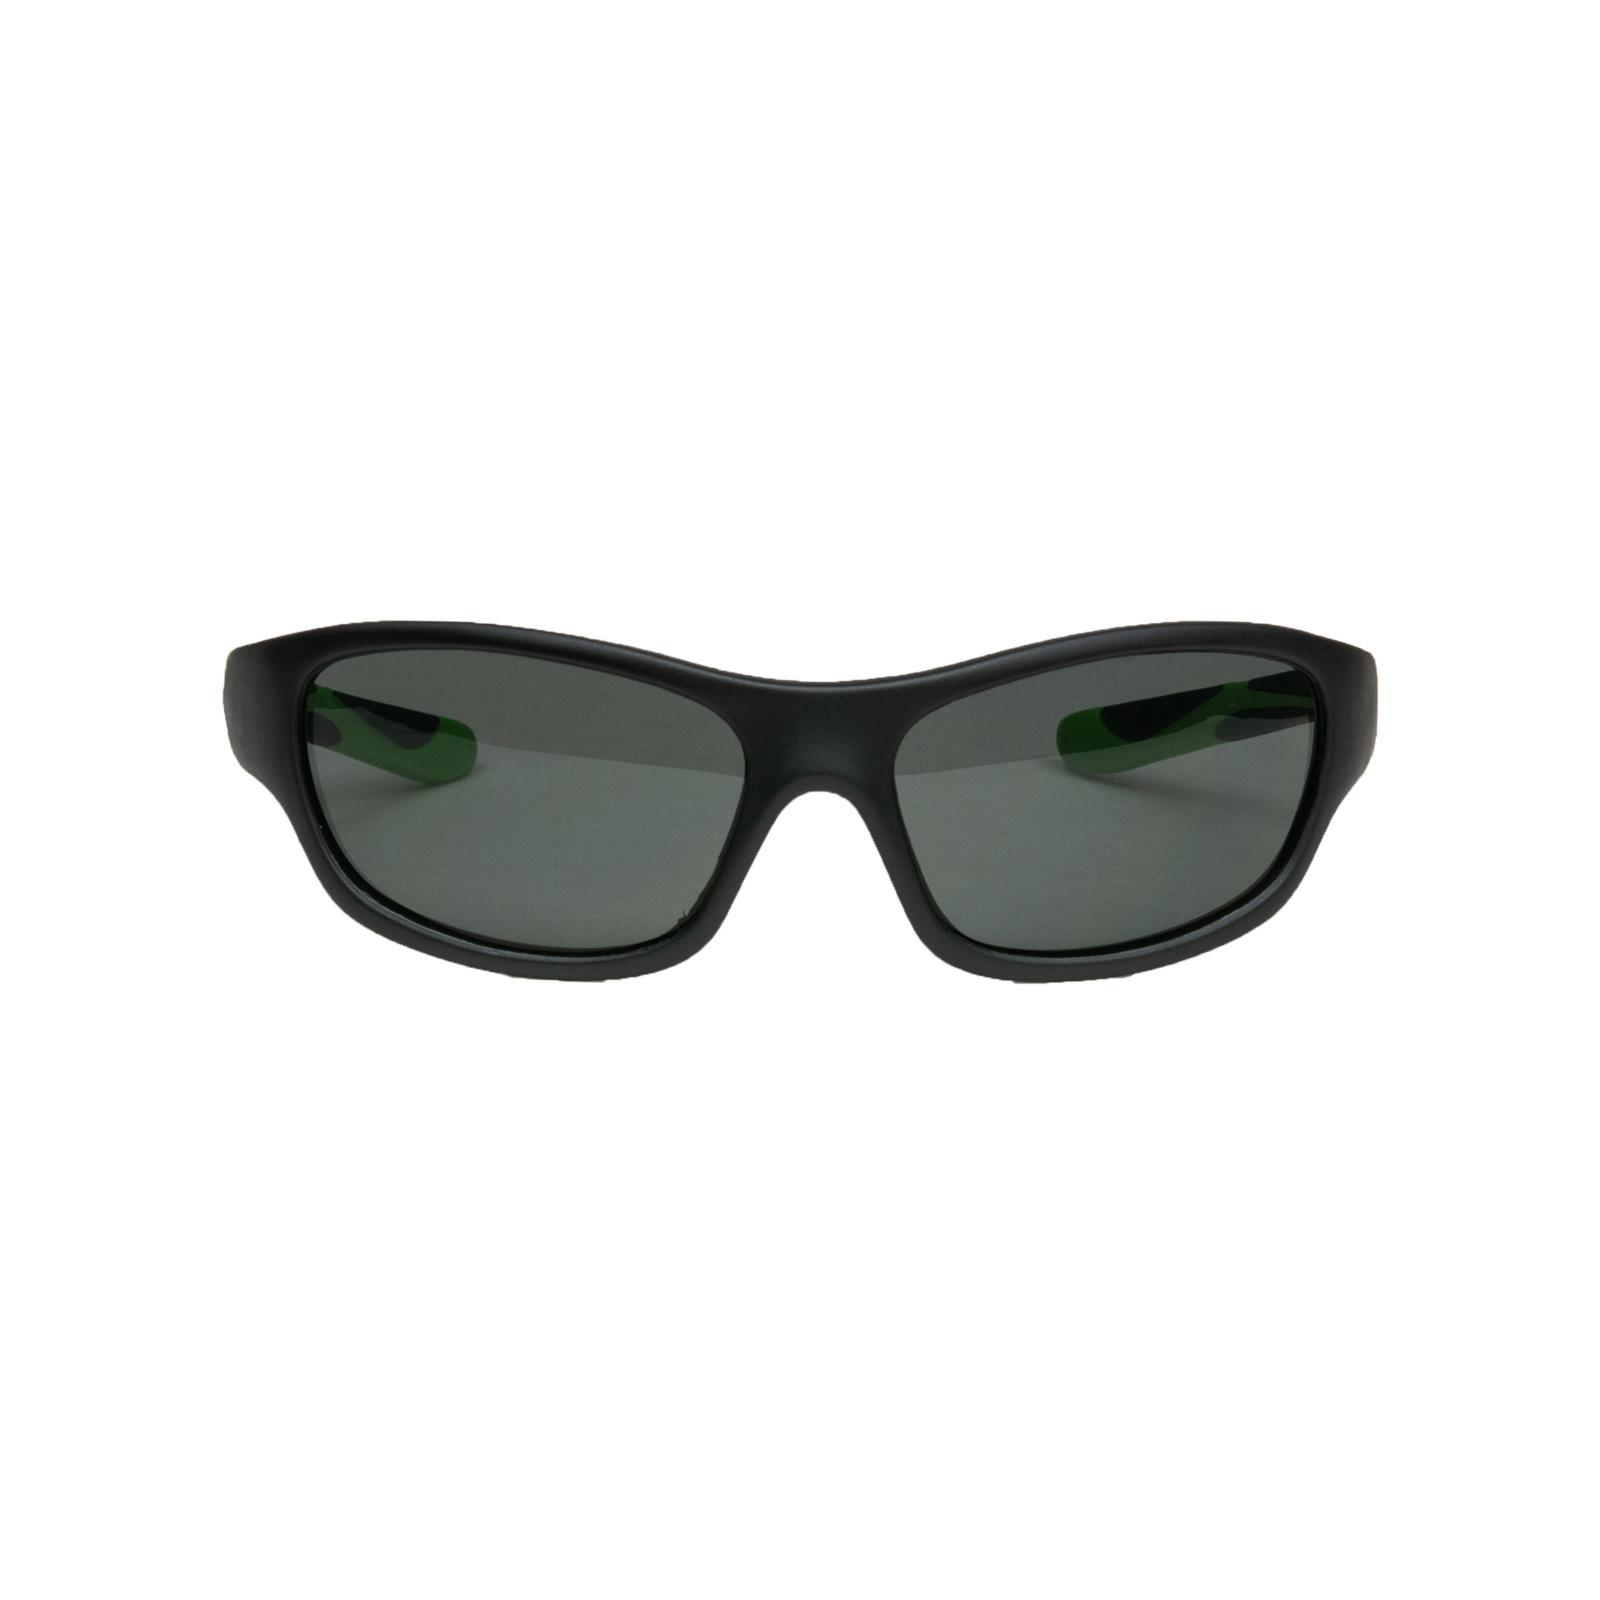 Melleson Eyewear Melleson Eyewear junior zonnebril zwart groen - kind 3-8 jaar - kinderzonnebril